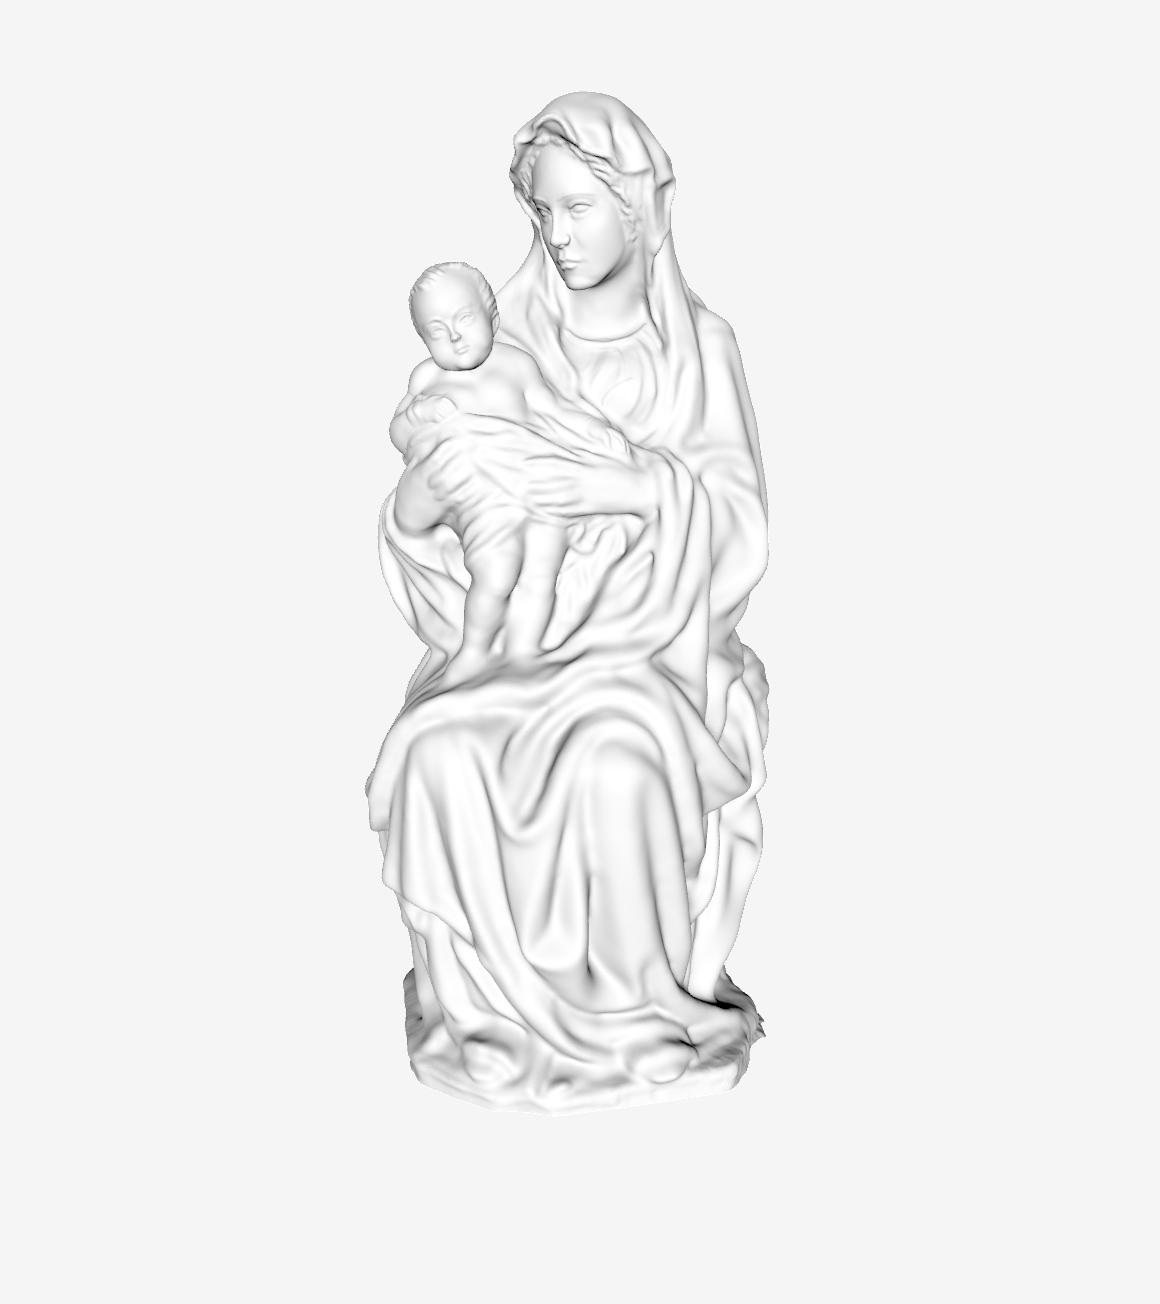 Capture d'écran 2018-09-21 à 13.35.43.png Download free STL file The Virgin and Child at The Louvre, Paris • 3D printer model, Louvre